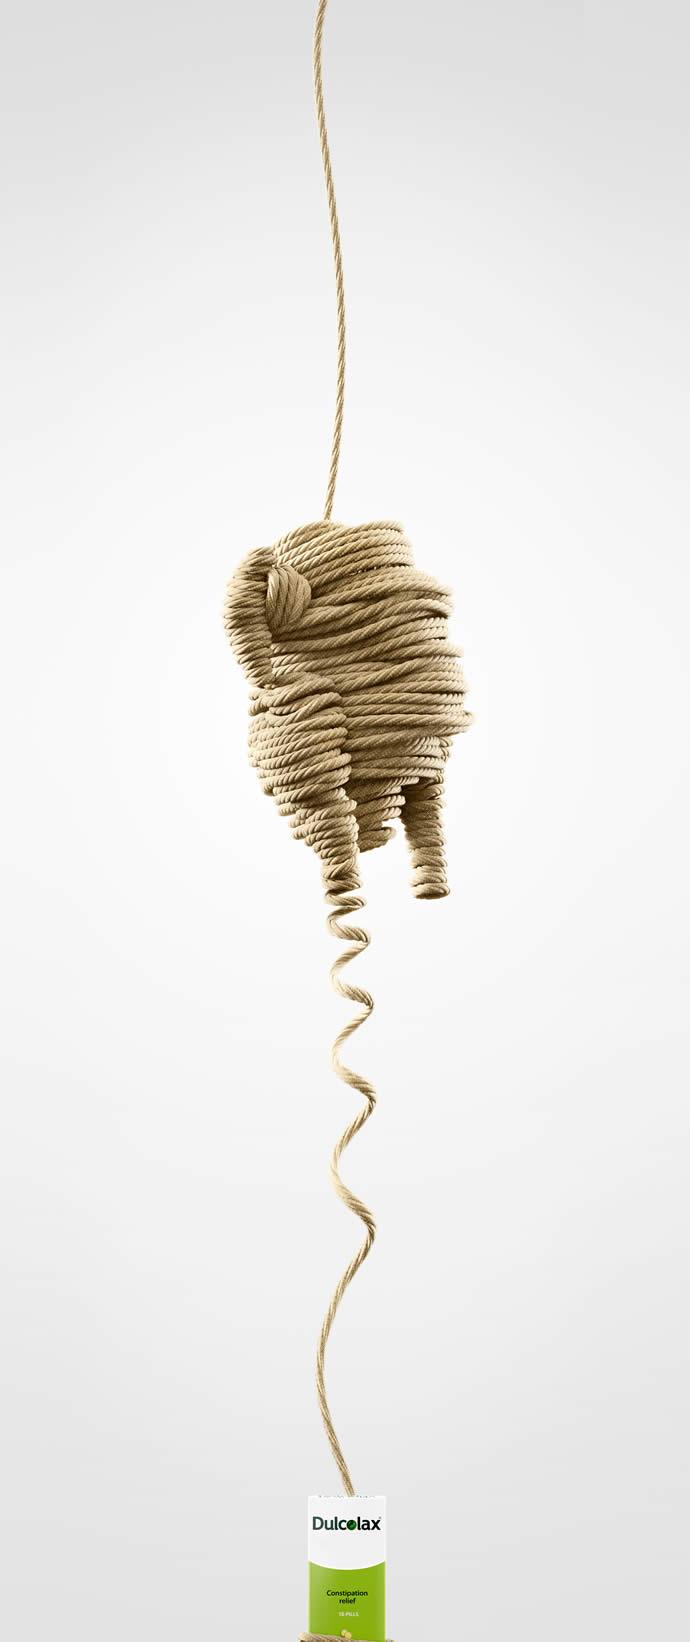 70 publicités designs et créatives d'Octobre 2012 43